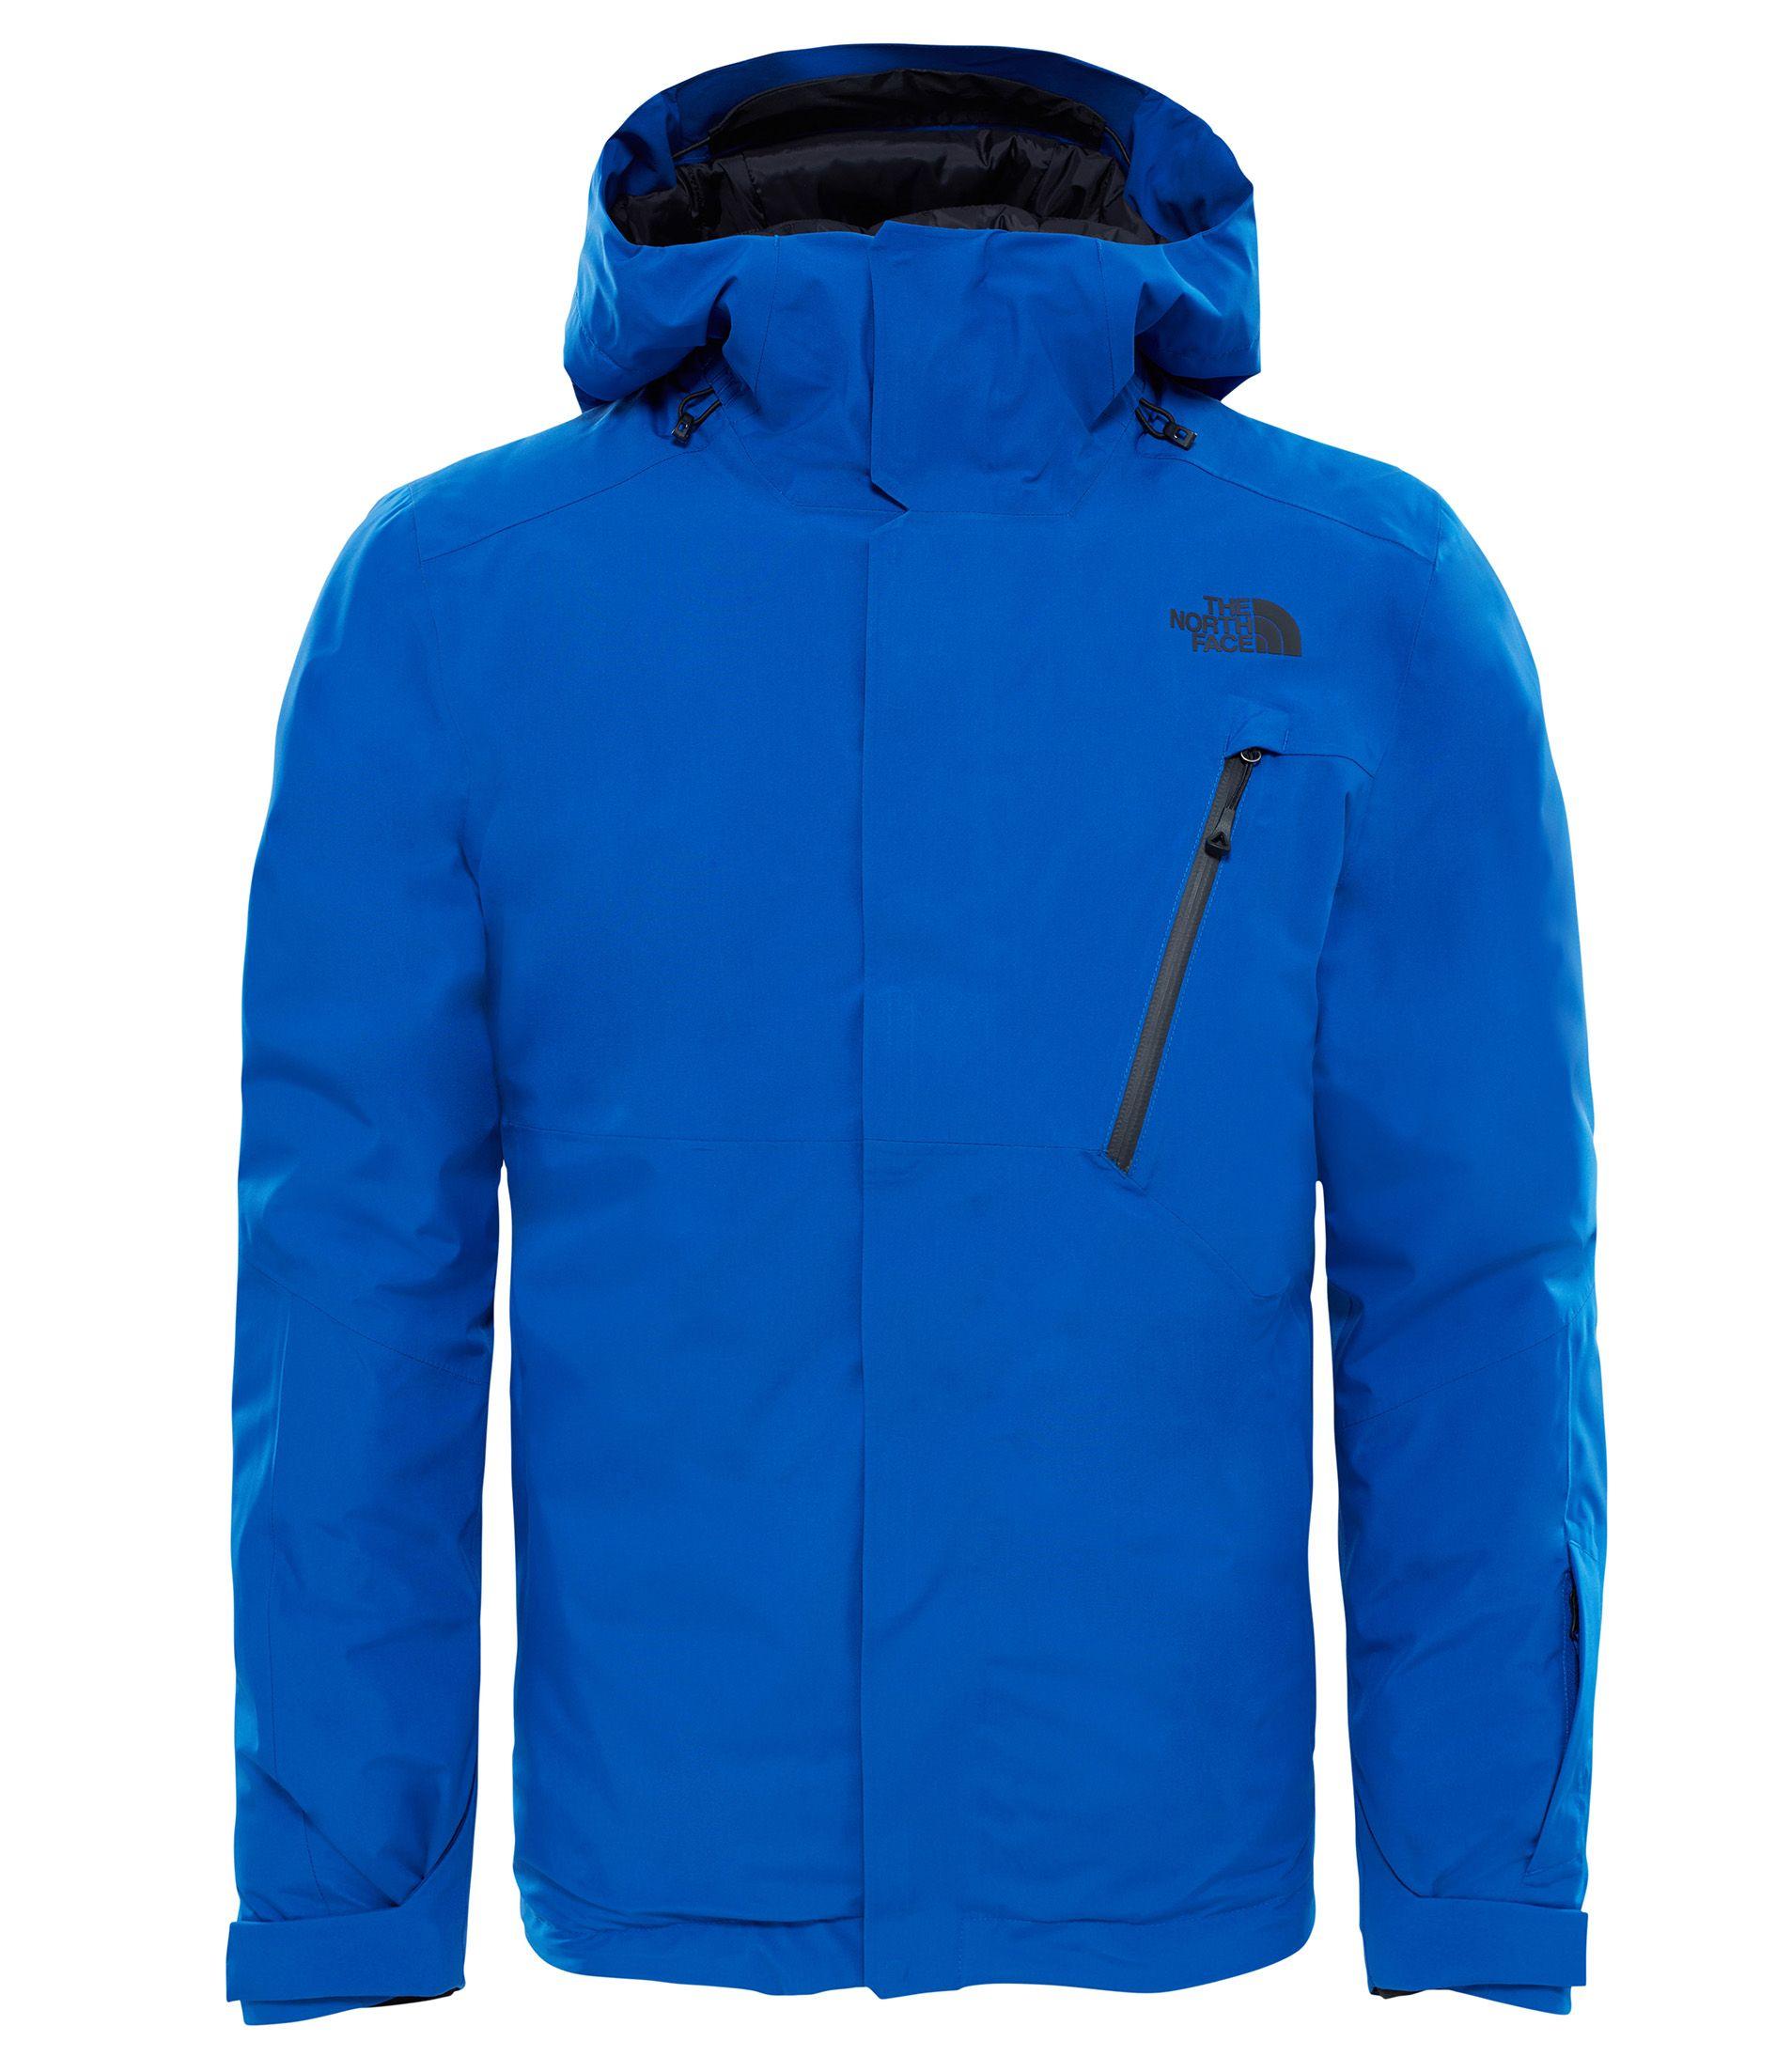 58e76b39c wholesale the north face descendit jacket womens 2017 cd5d3 8a19b